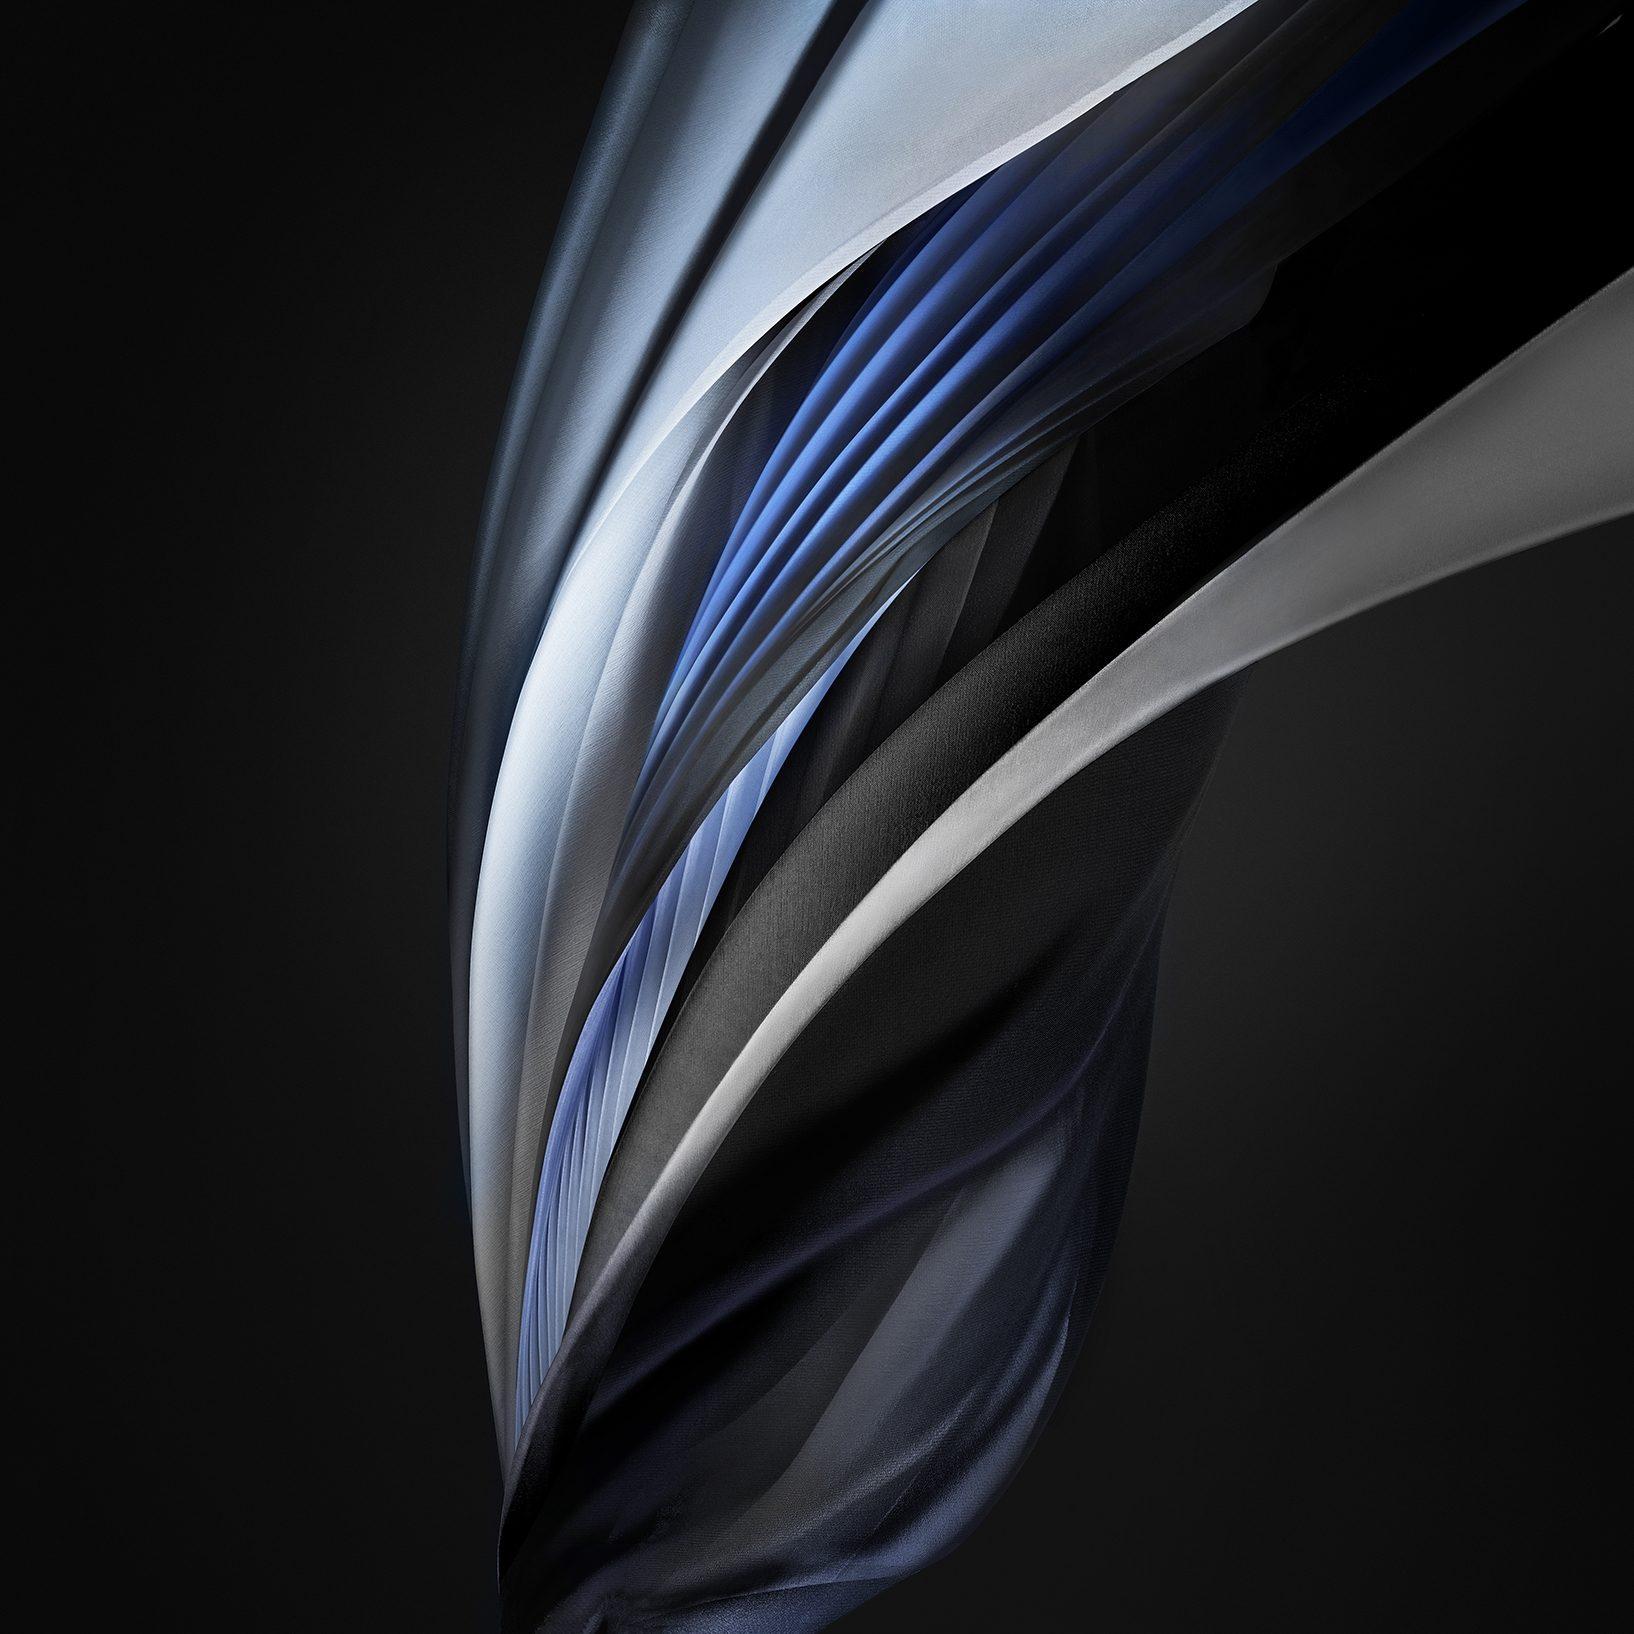 Download new 2020 iPhone SE stock wallpapers MSPoweruser